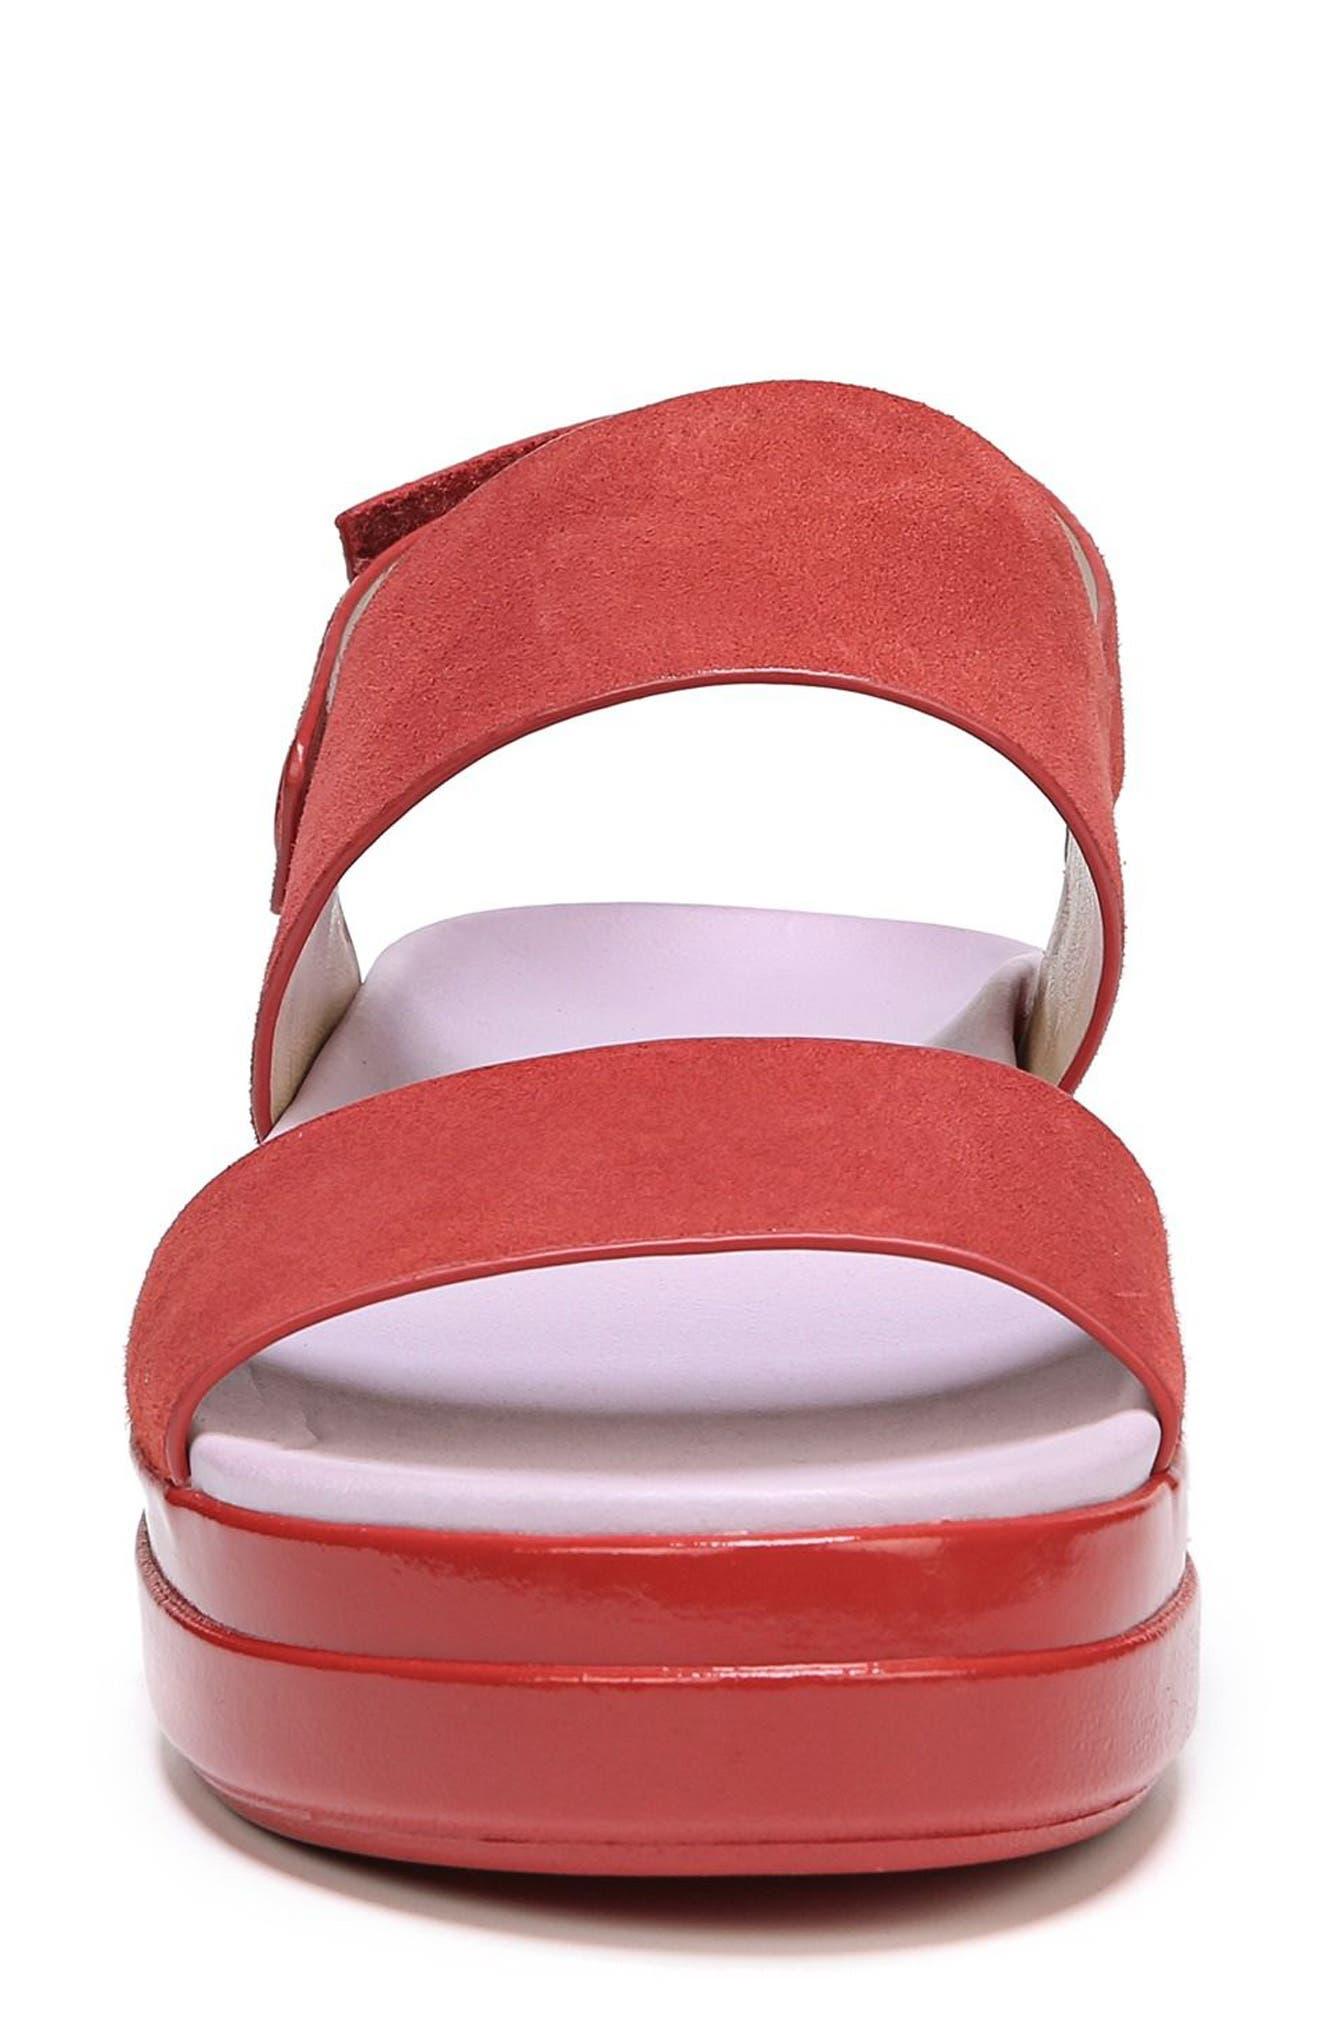 Scout Platform Sandal,                             Alternate thumbnail 4, color,                             Paprika Suede